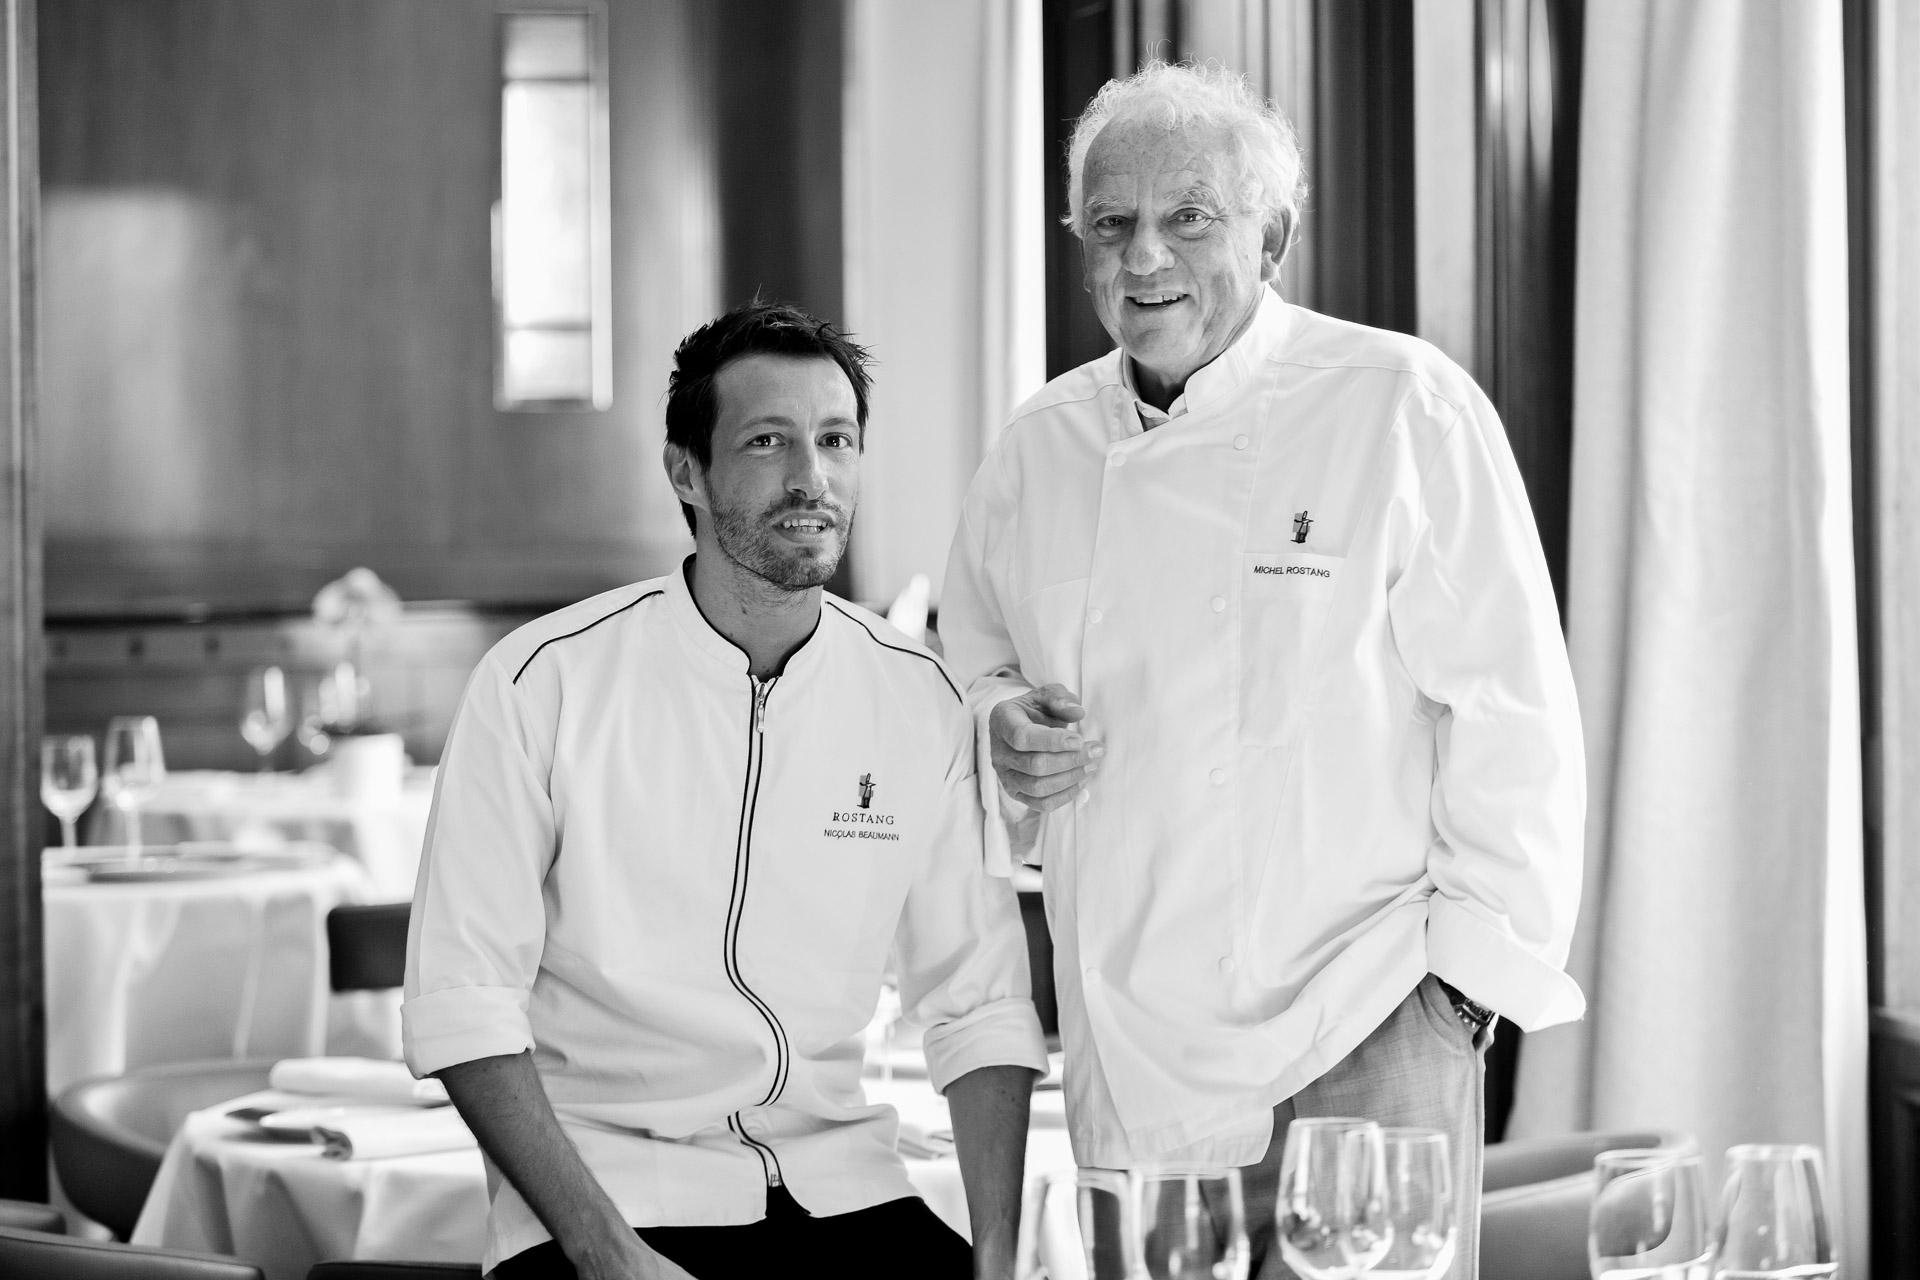 Depuis près de quatre décennies, Michel Rostang est l'une des figures emblématiques de la scène gastronomique parisienne. Nous le retrouvons dans son restaurant du 17ème arrondissement aux côtés de son héritier désigné, Nicolas Beaumann.